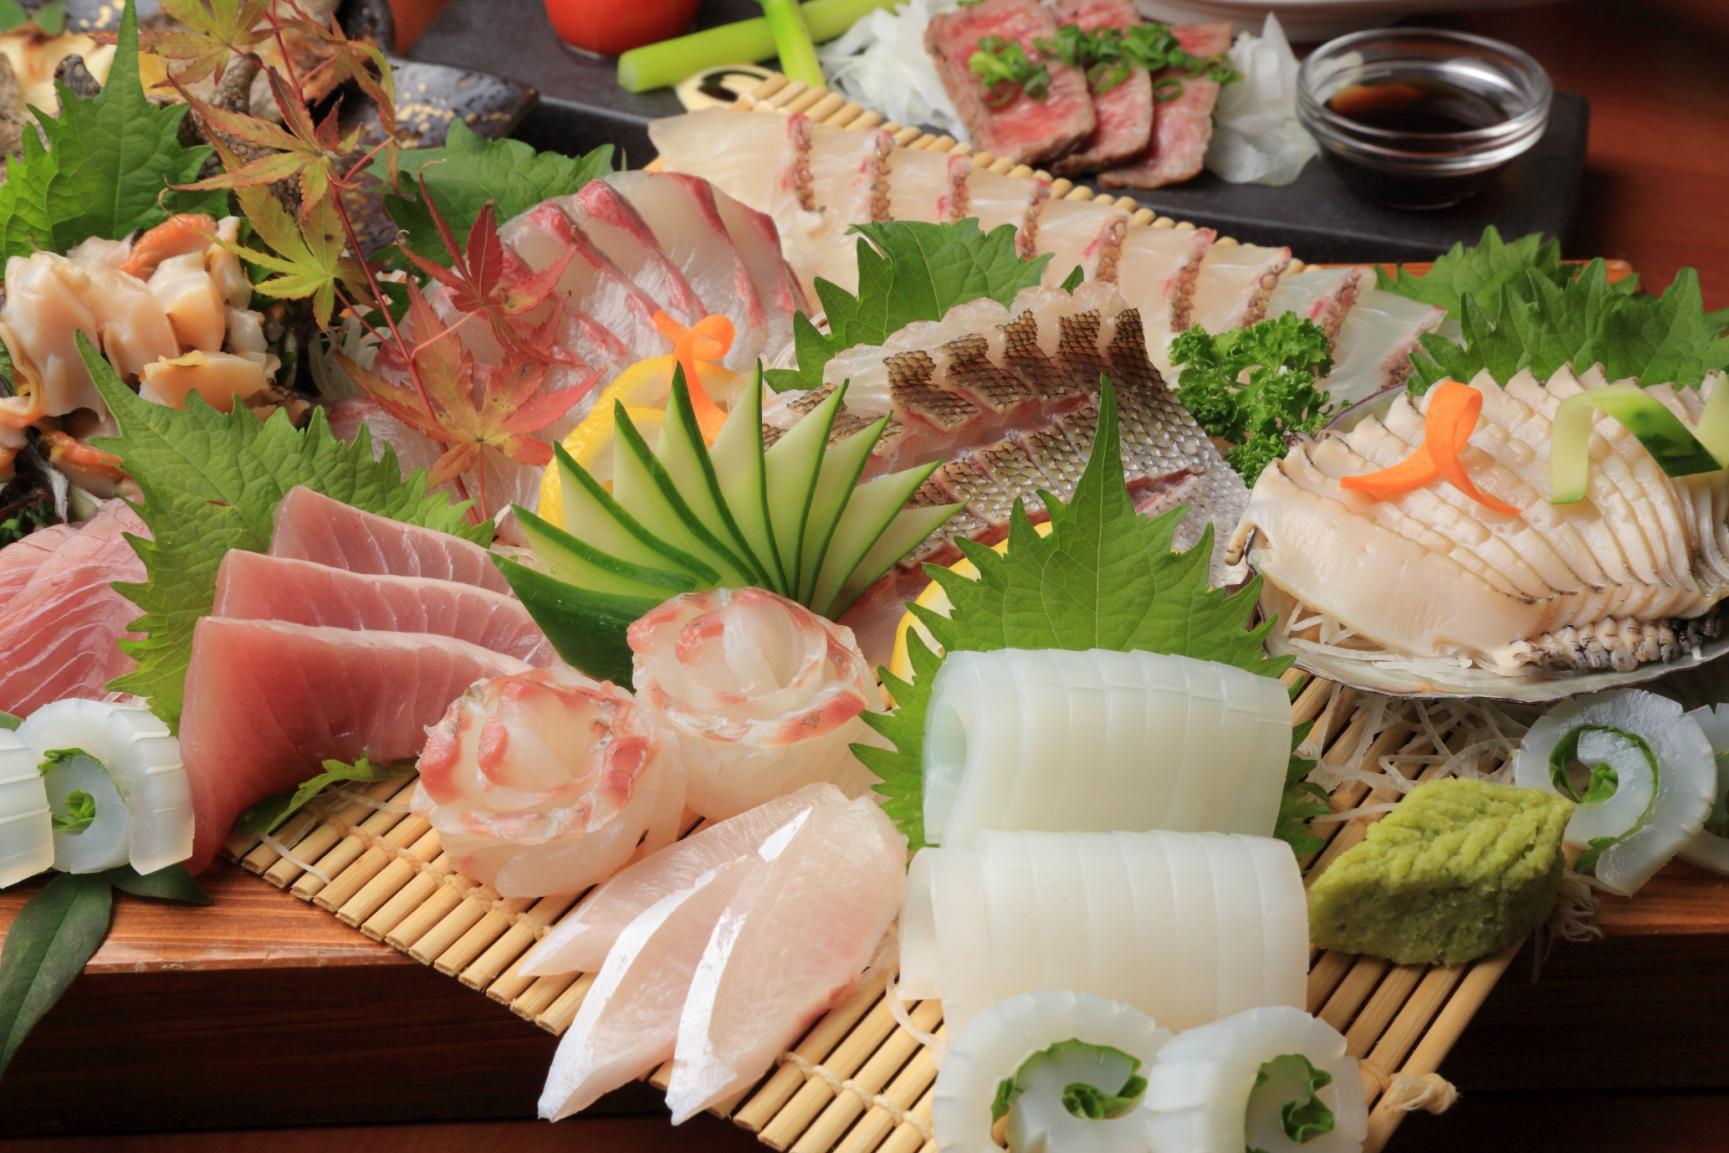 獲れたての魚介にブランド牛、長崎は食の宝庫!-0